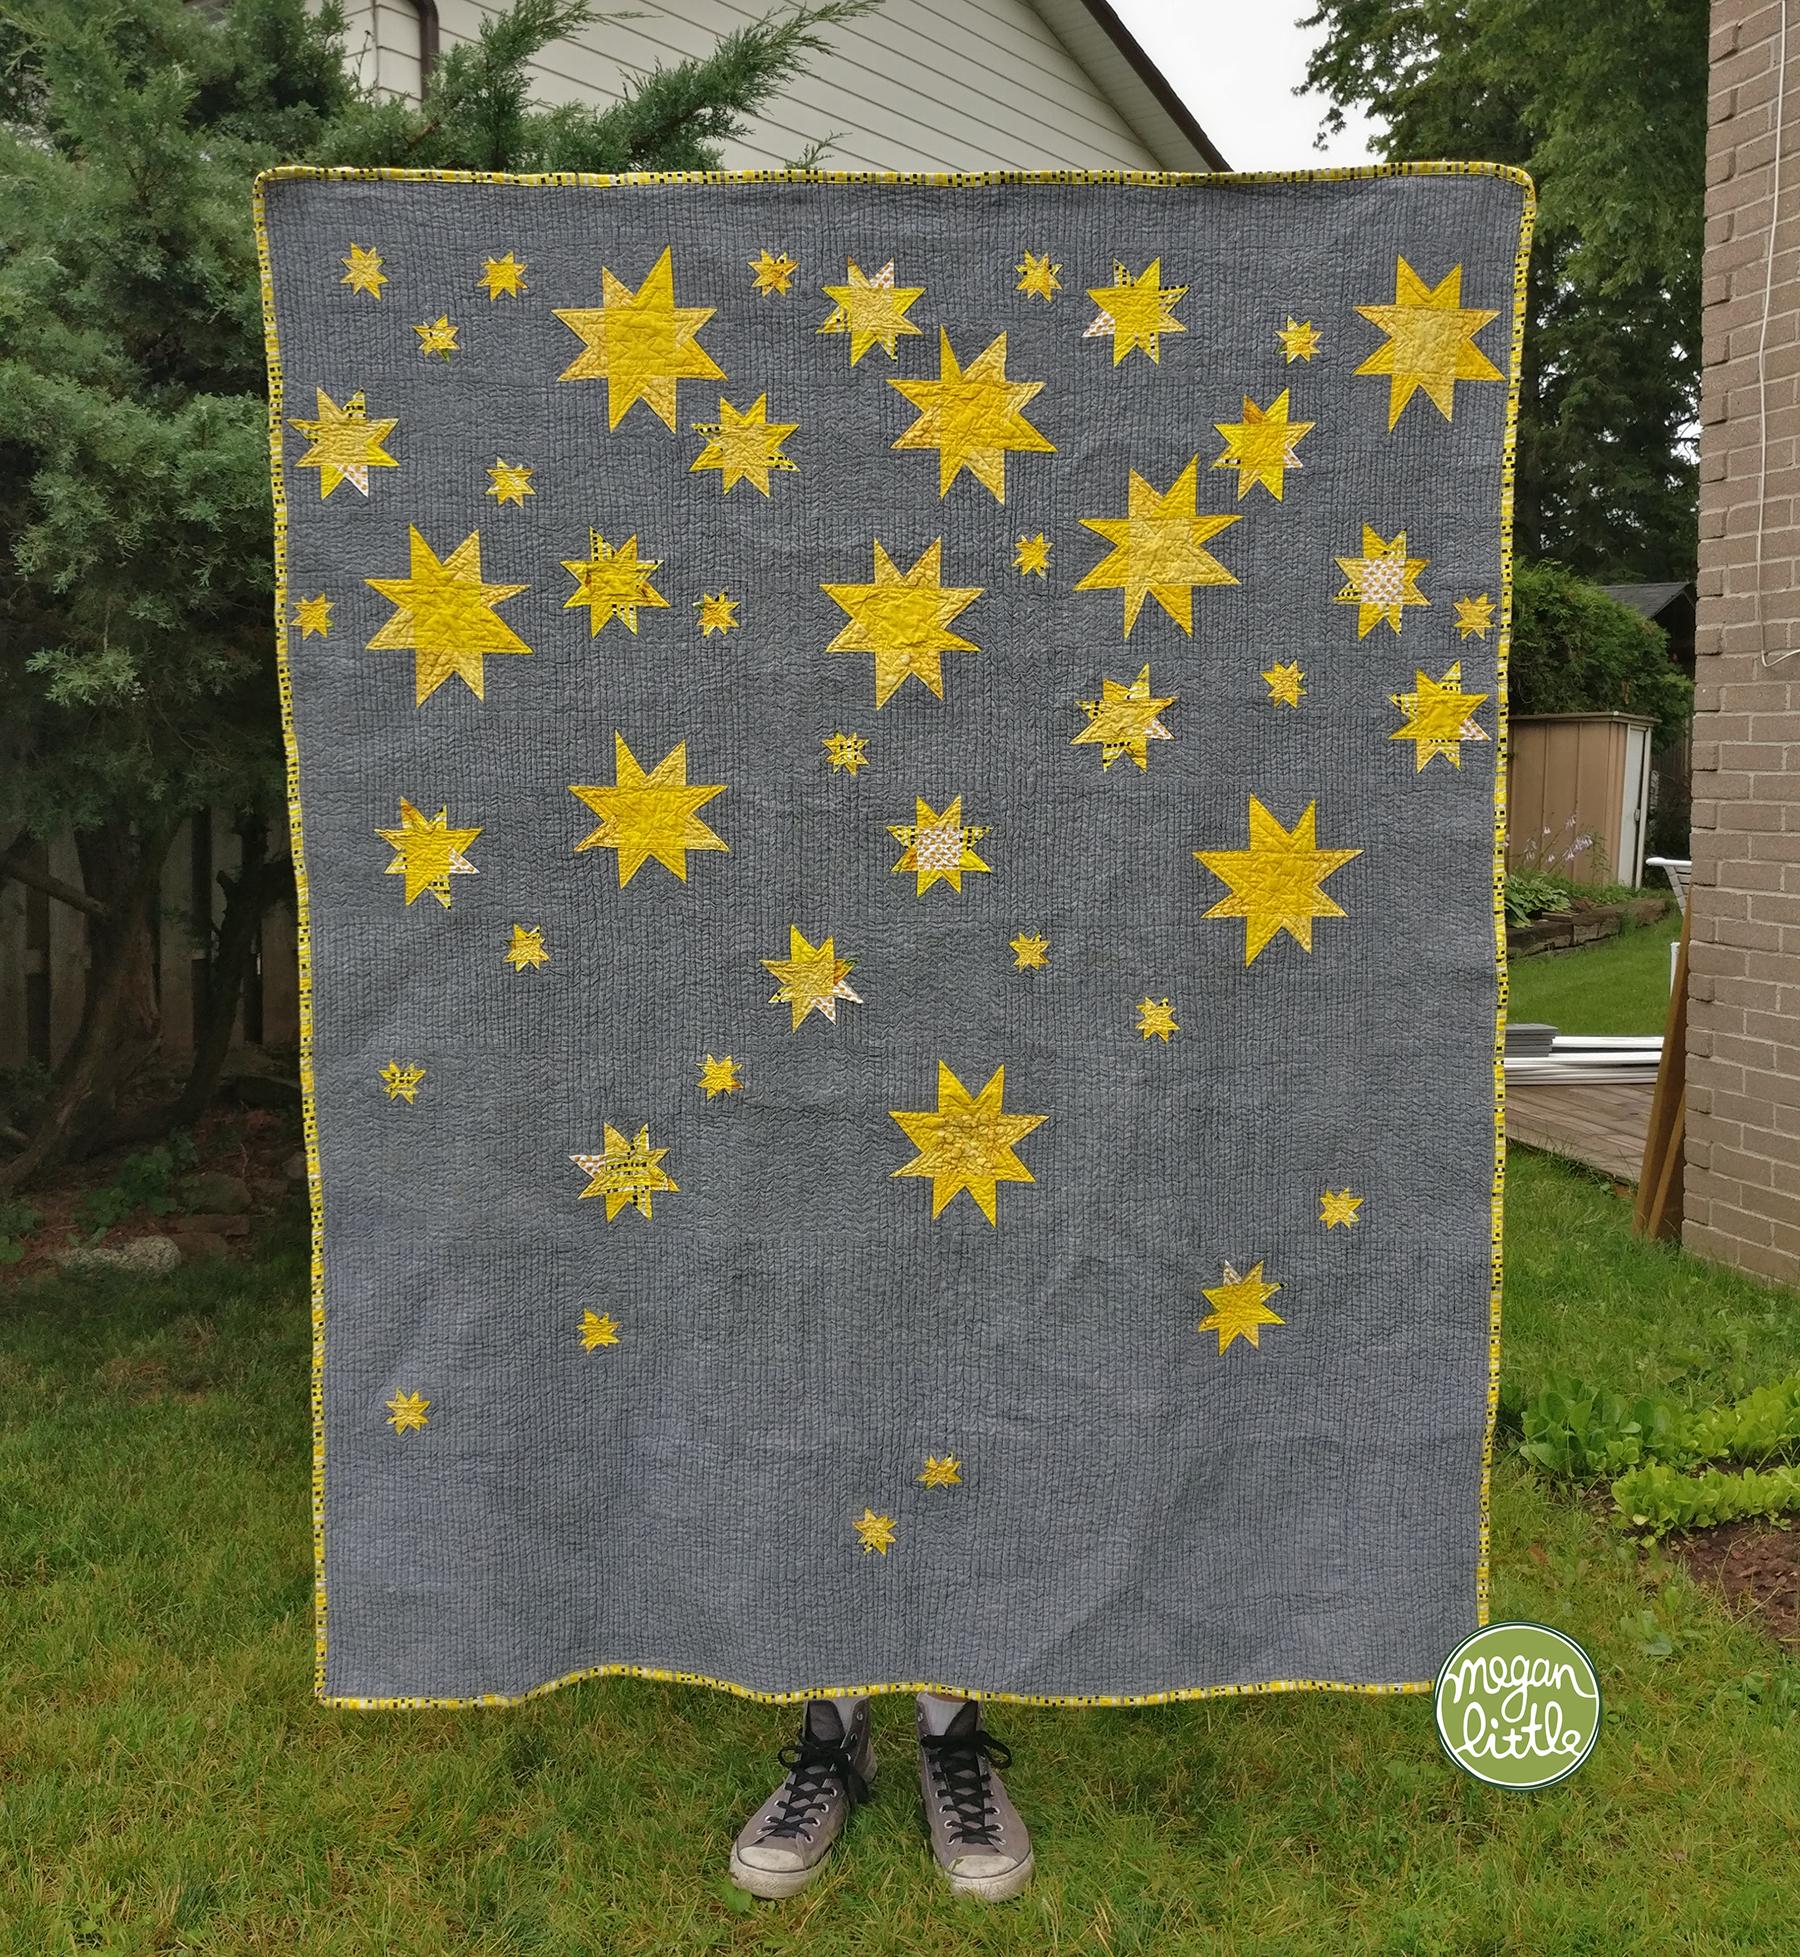 meganlittle-stars.jpg